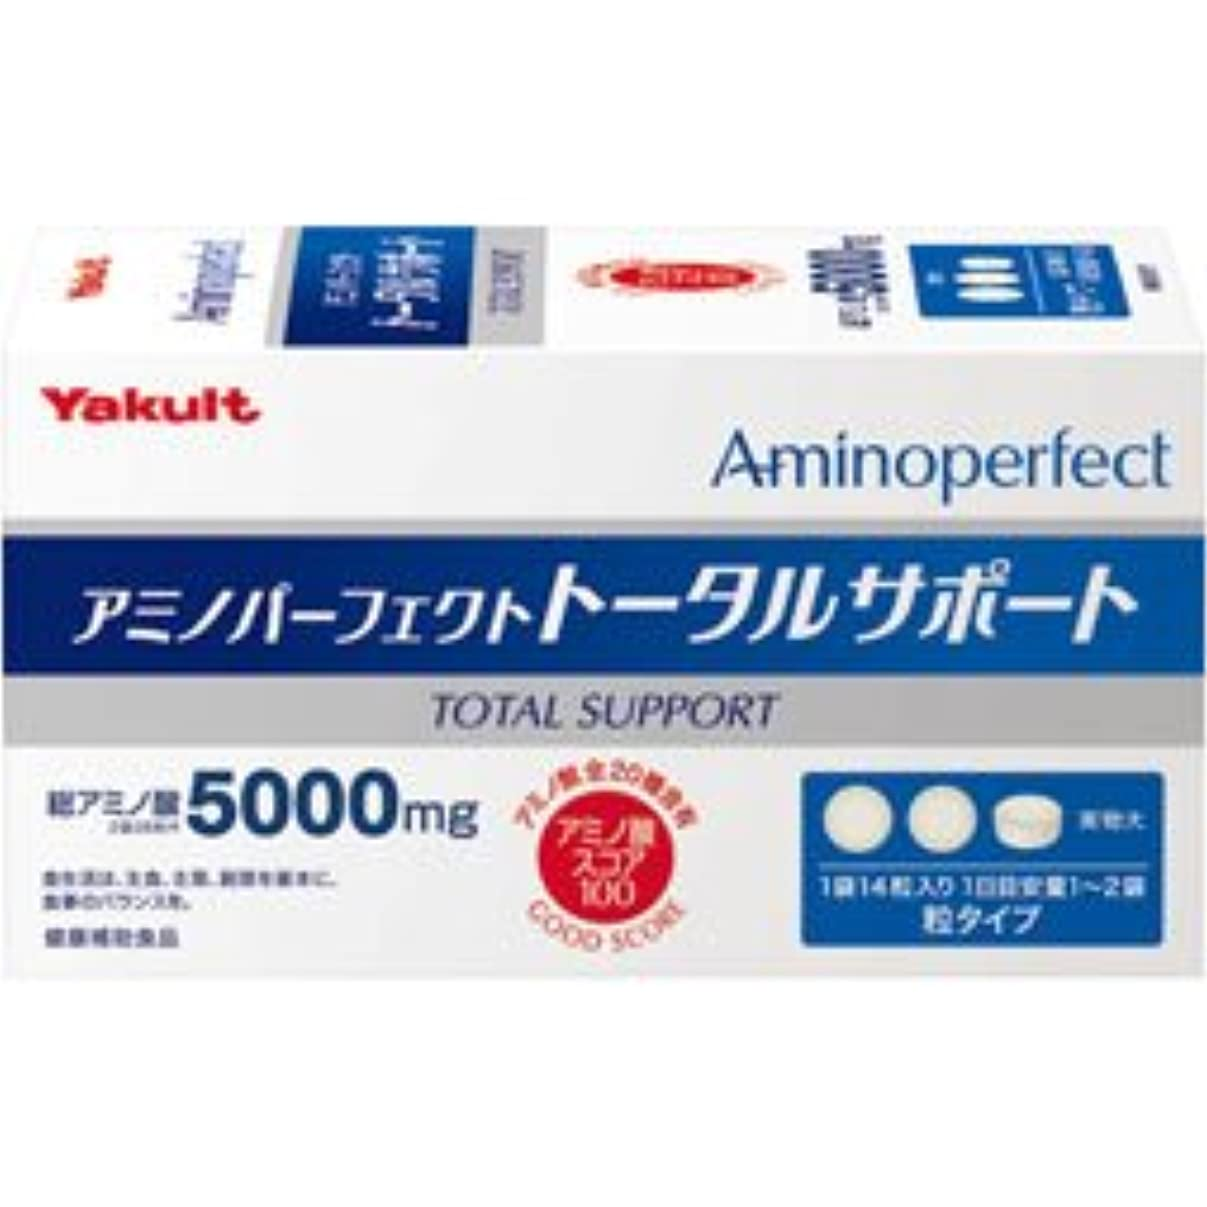 知性一眩惑するアミノパーフェクト トータルサポート14粒×30袋 2個パック